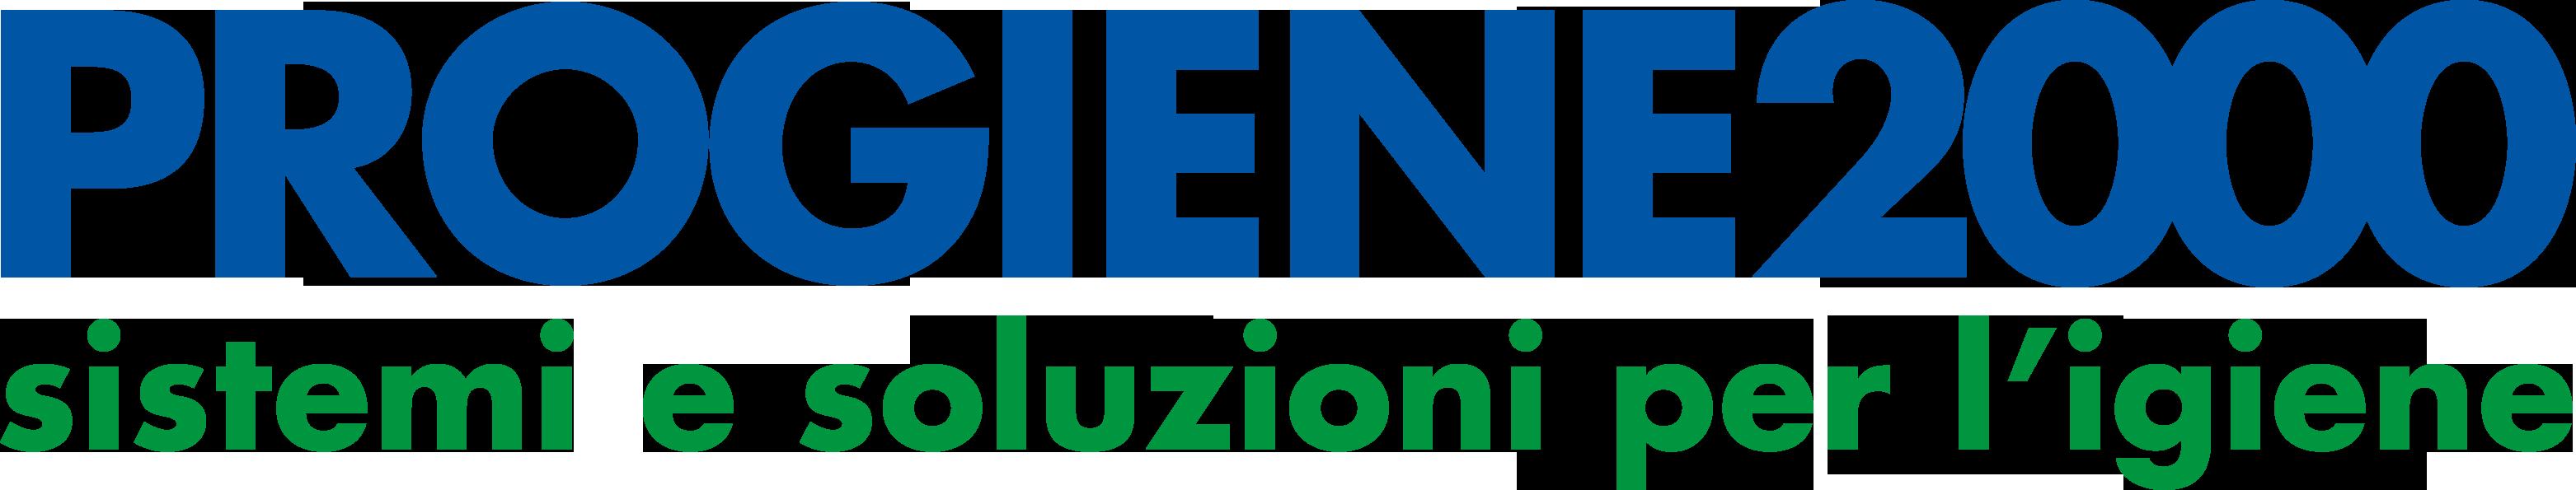 1progiene-logo-2018x